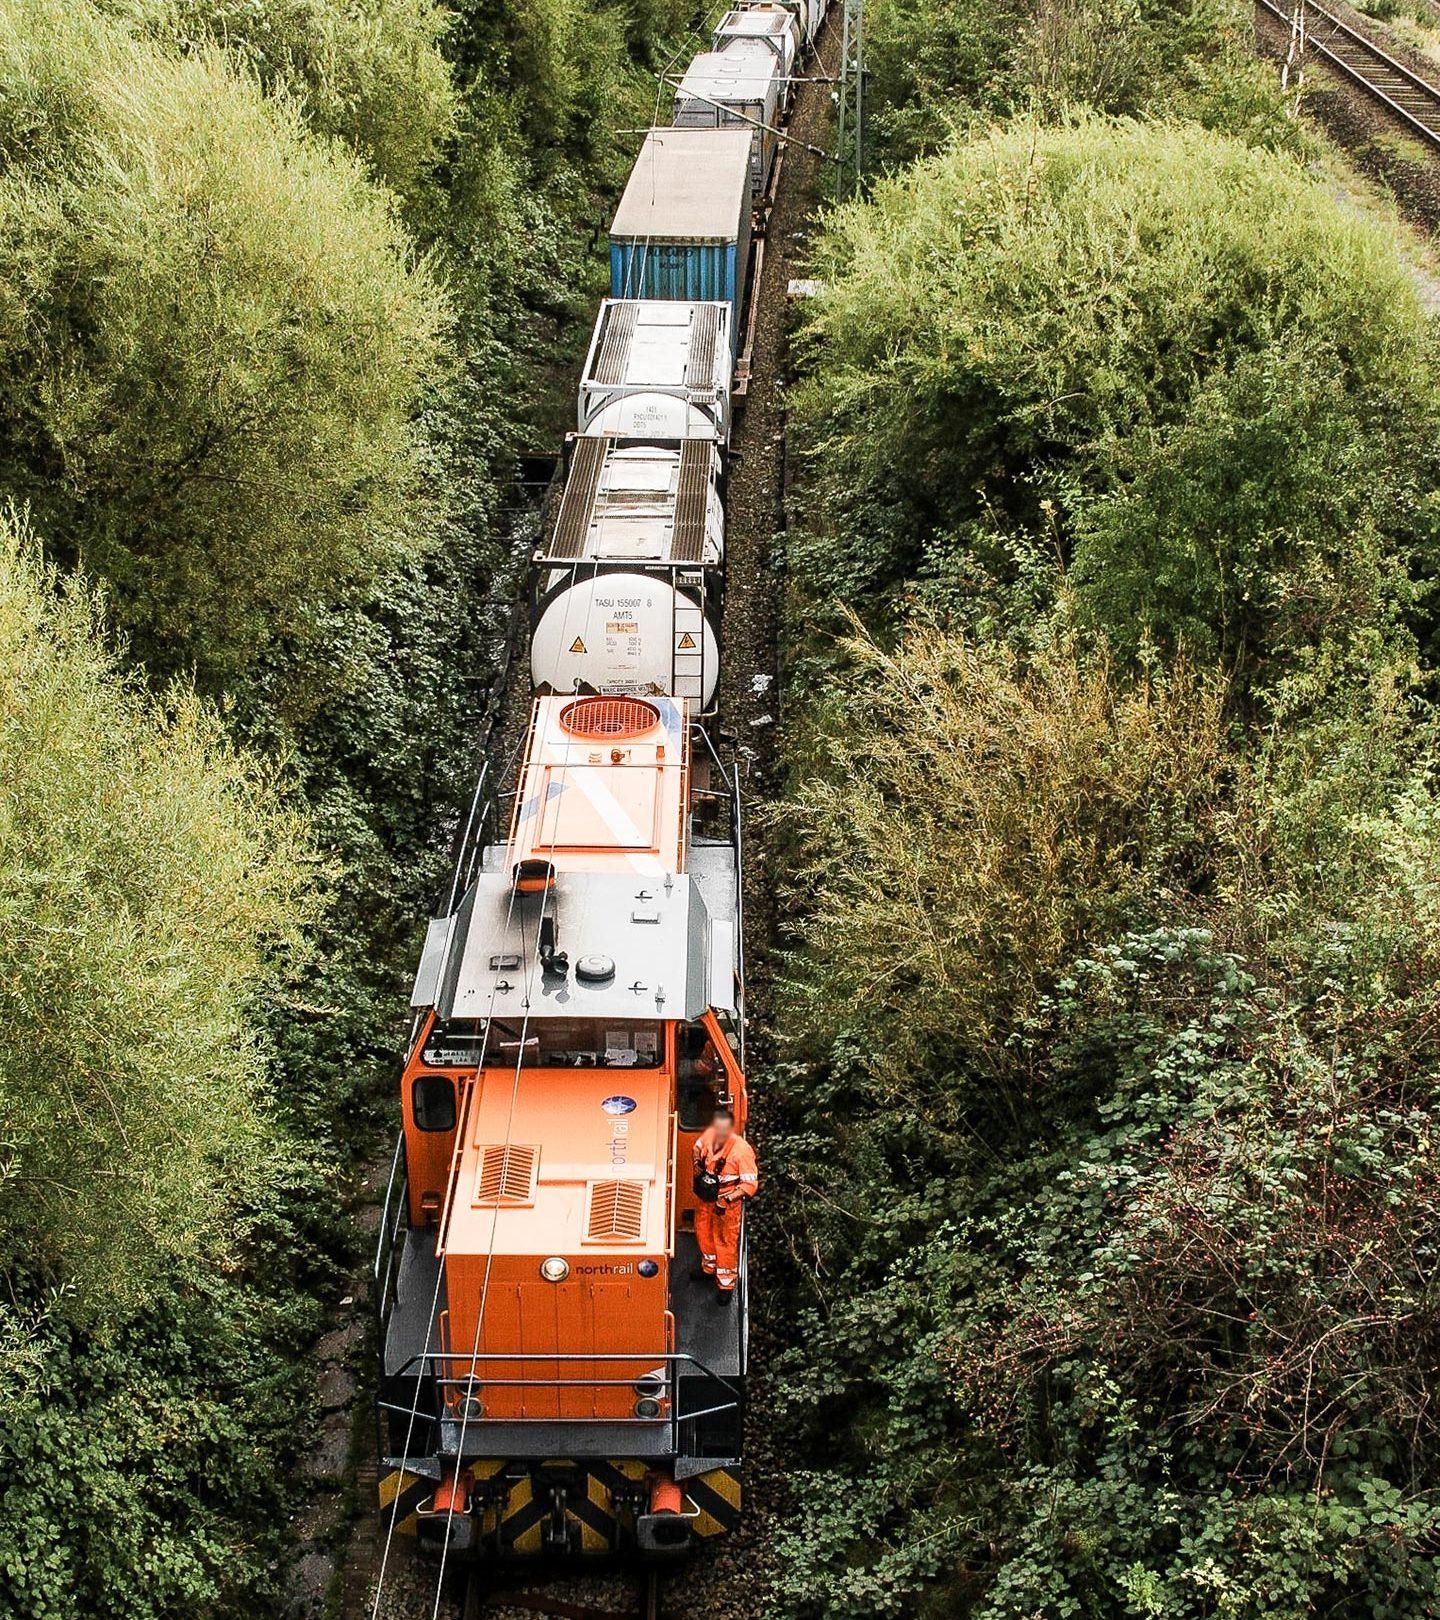 northrail-Lokomotive von oben